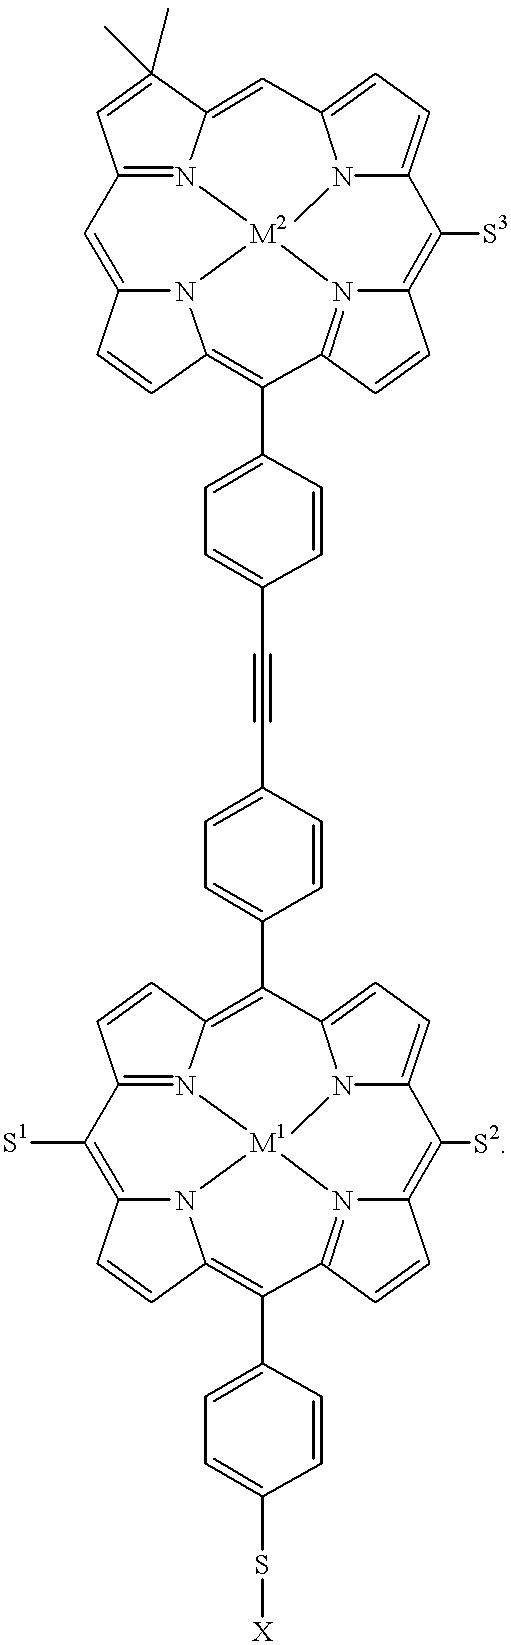 Figure US06381169-20020430-C00027